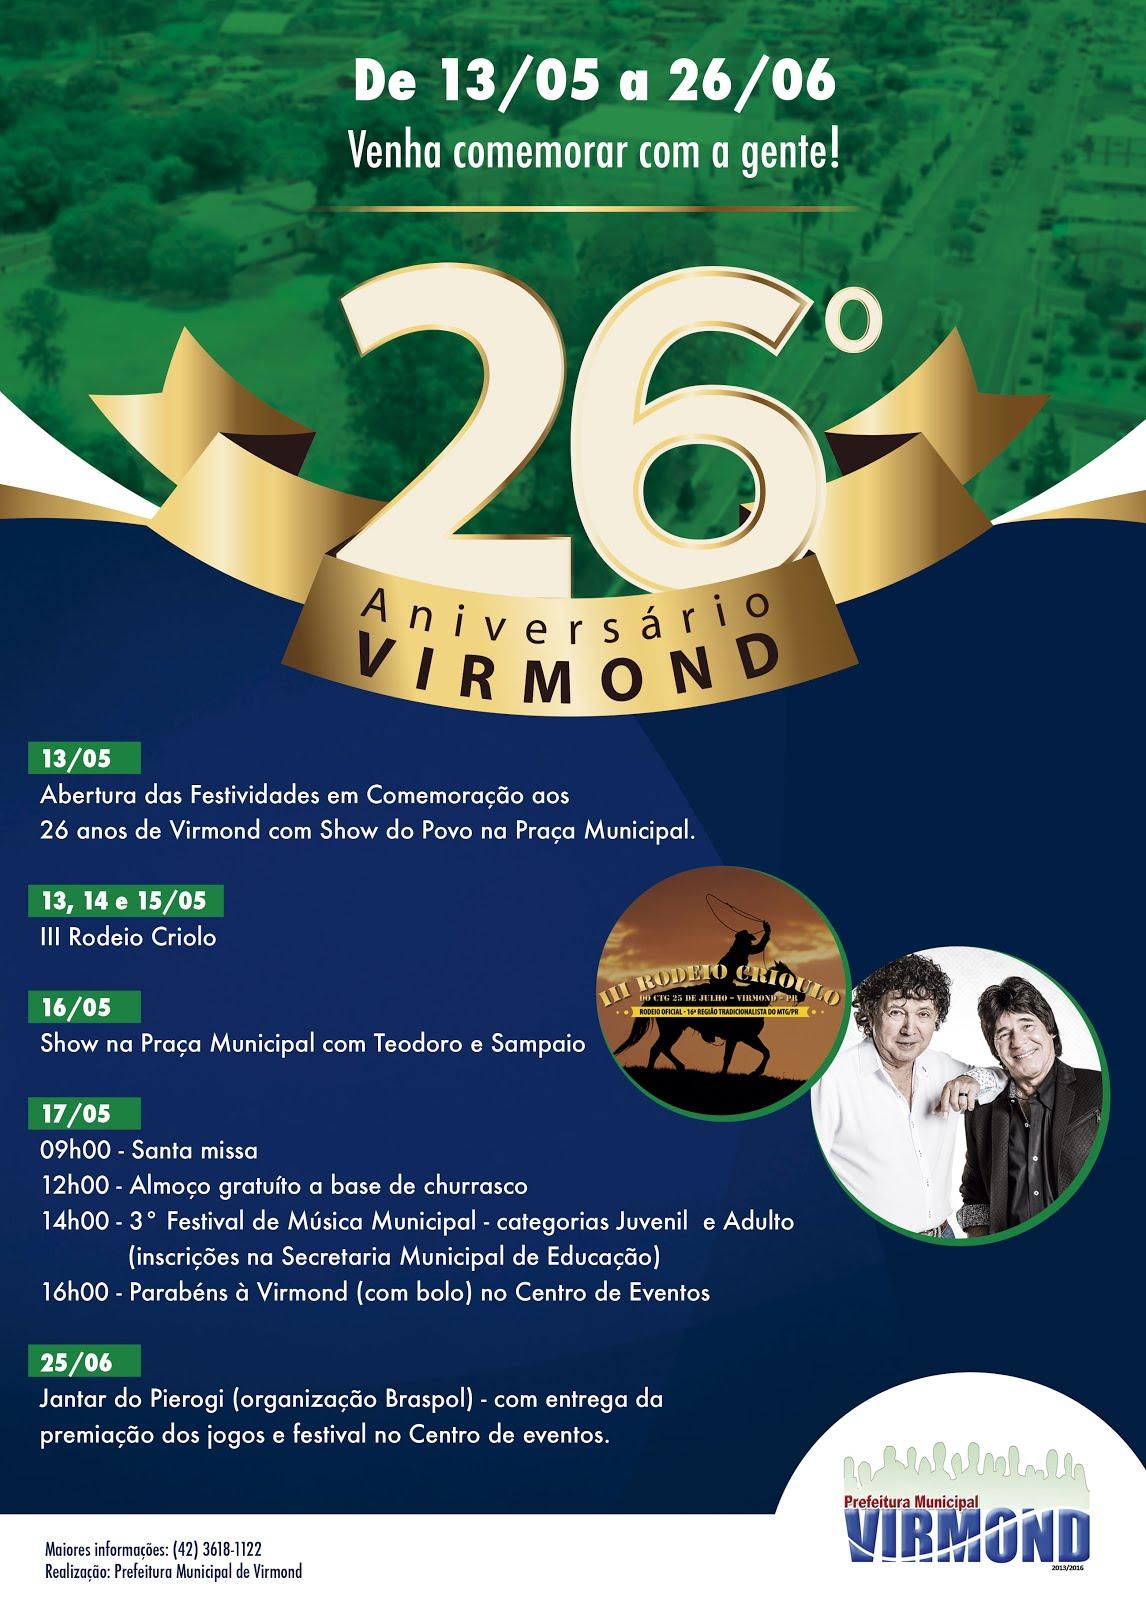 Virmond:Município comemora 26 anos com grande programação !!